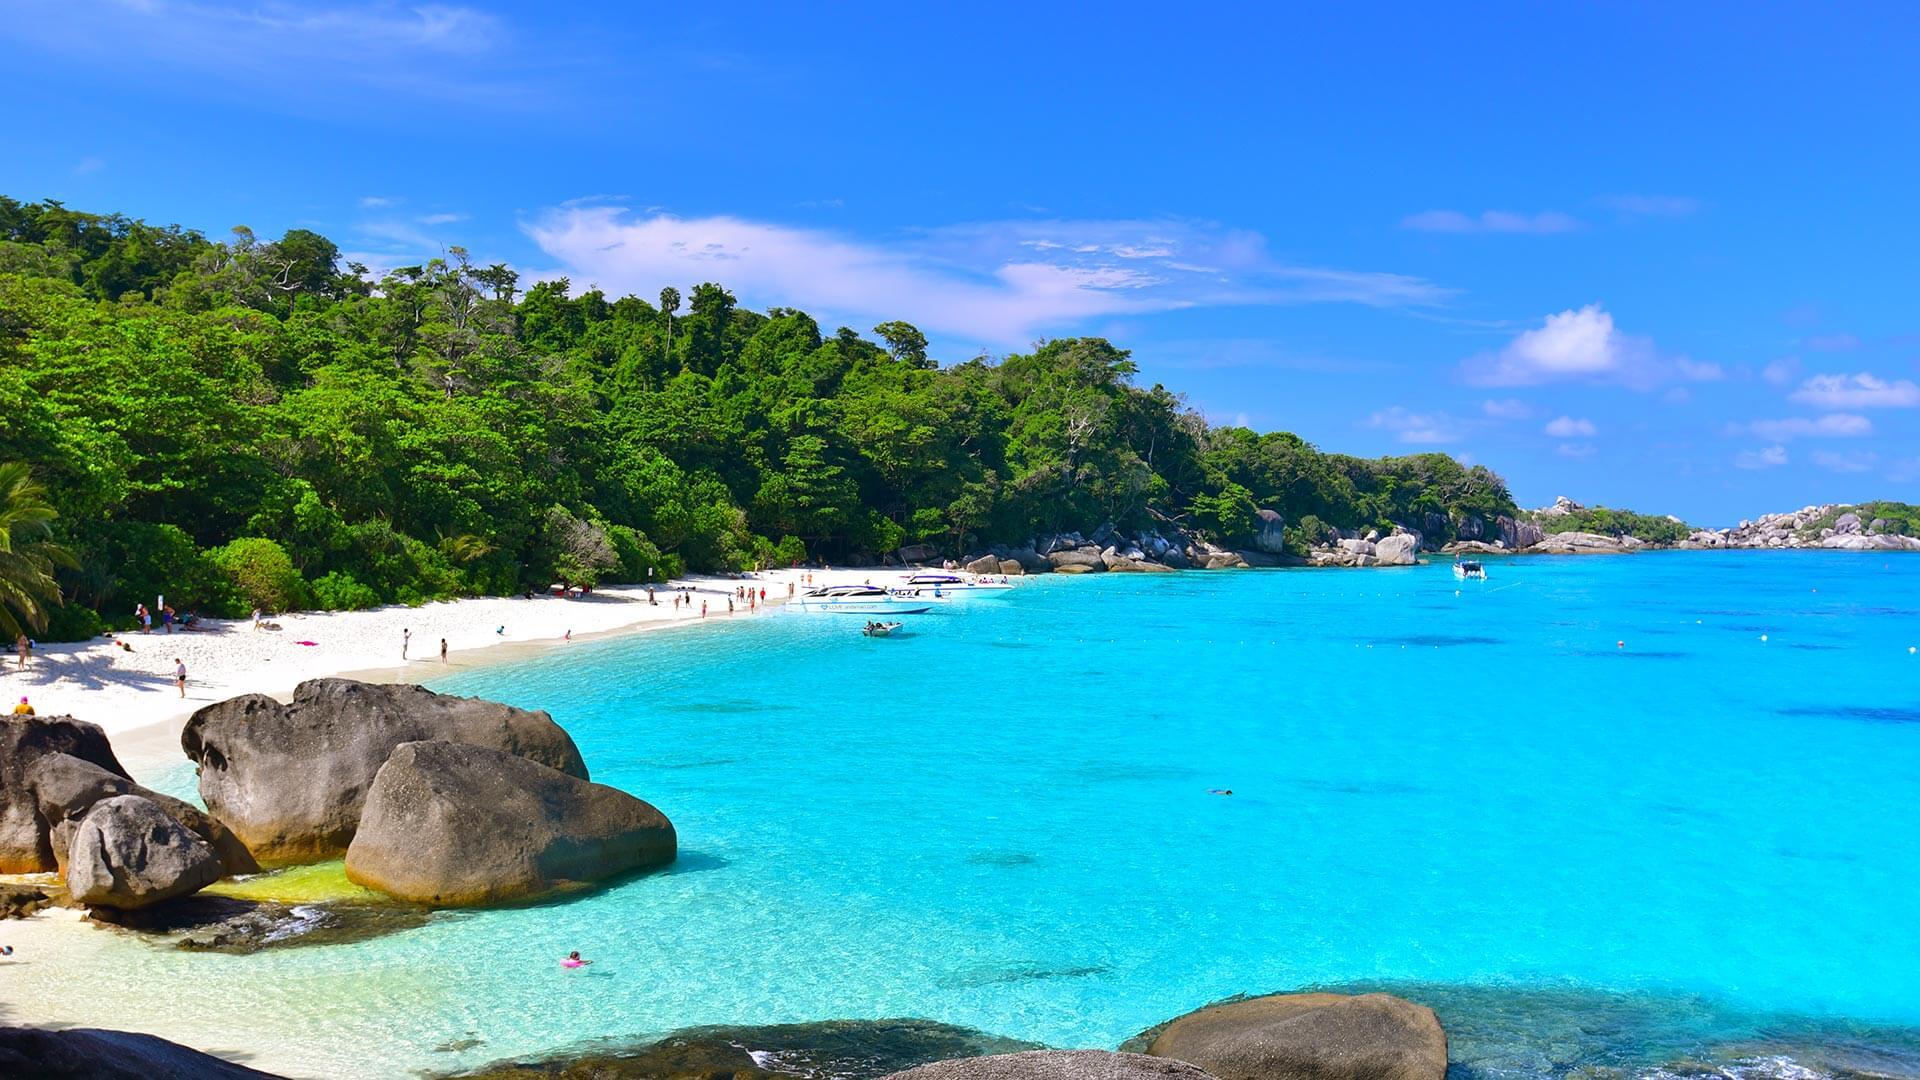 """Vaizdo rezultatas pagal užklausą """"similan island from phuket"""""""